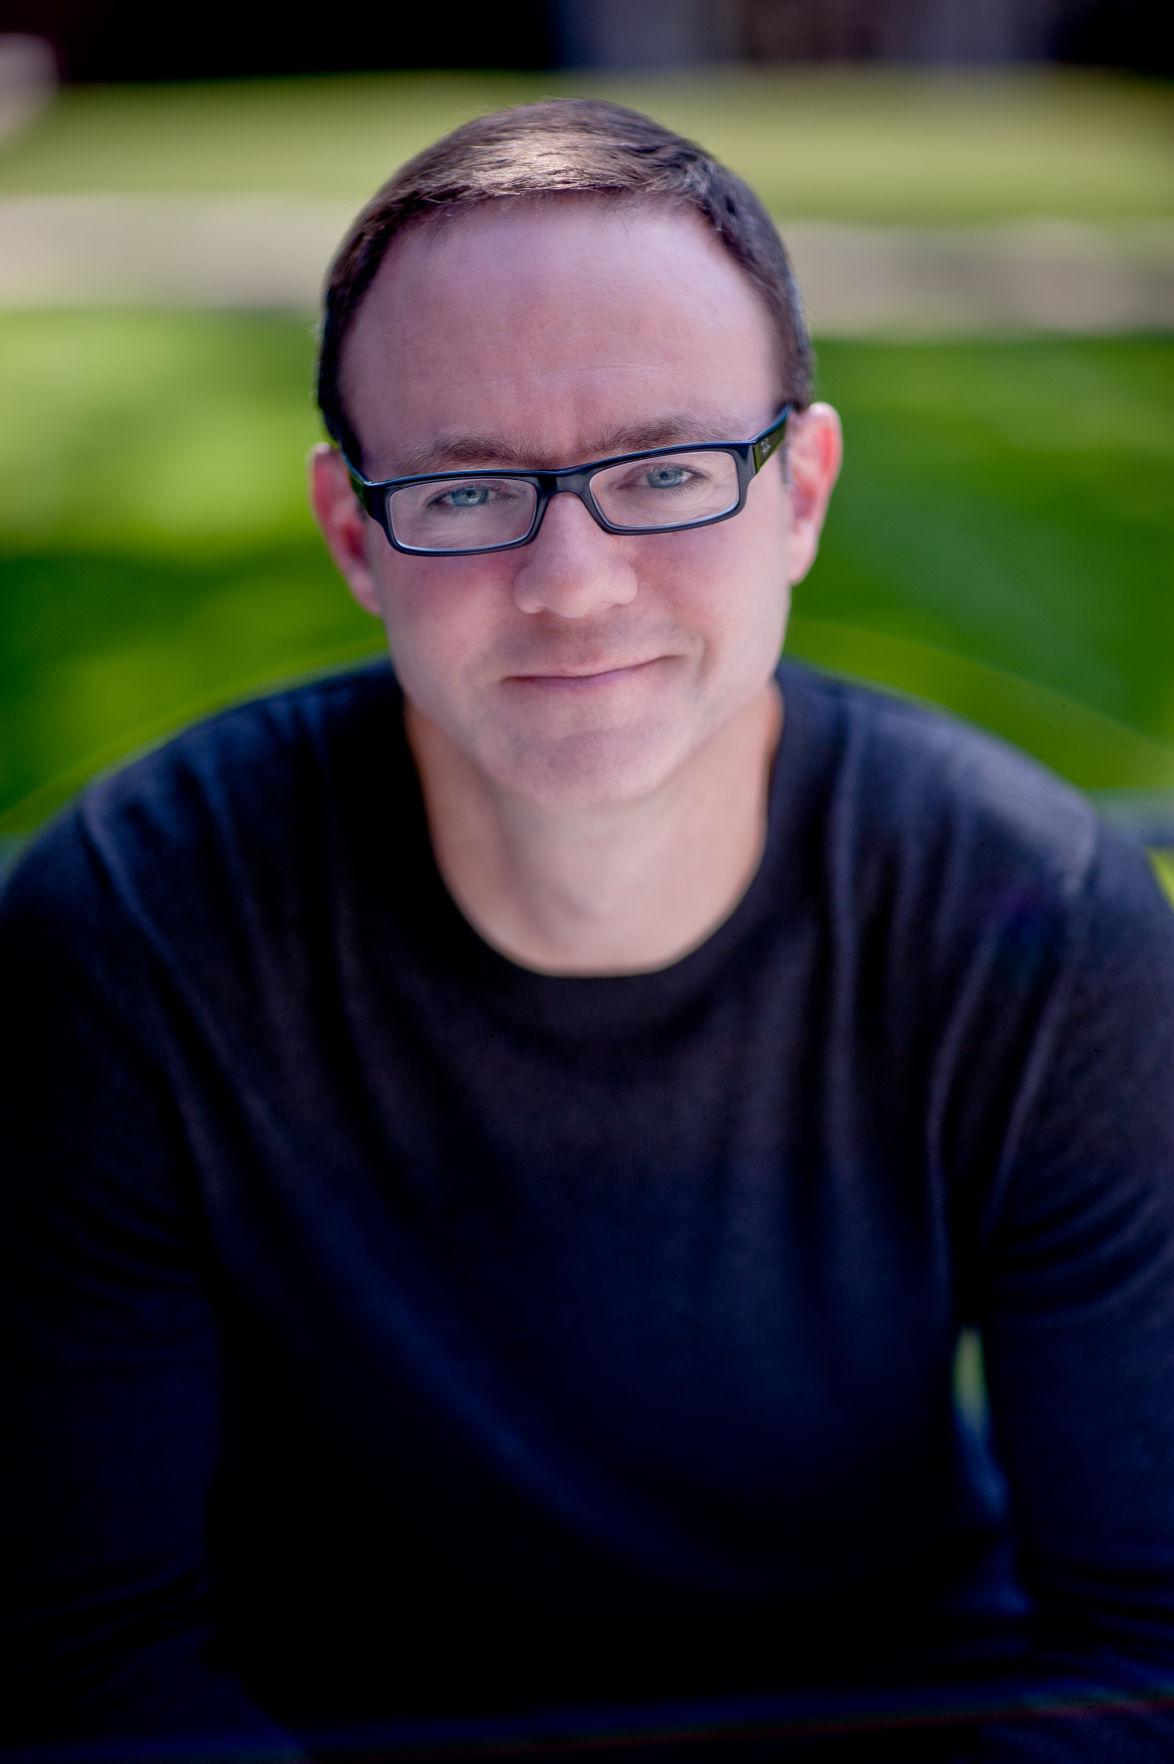 Brian Balmages